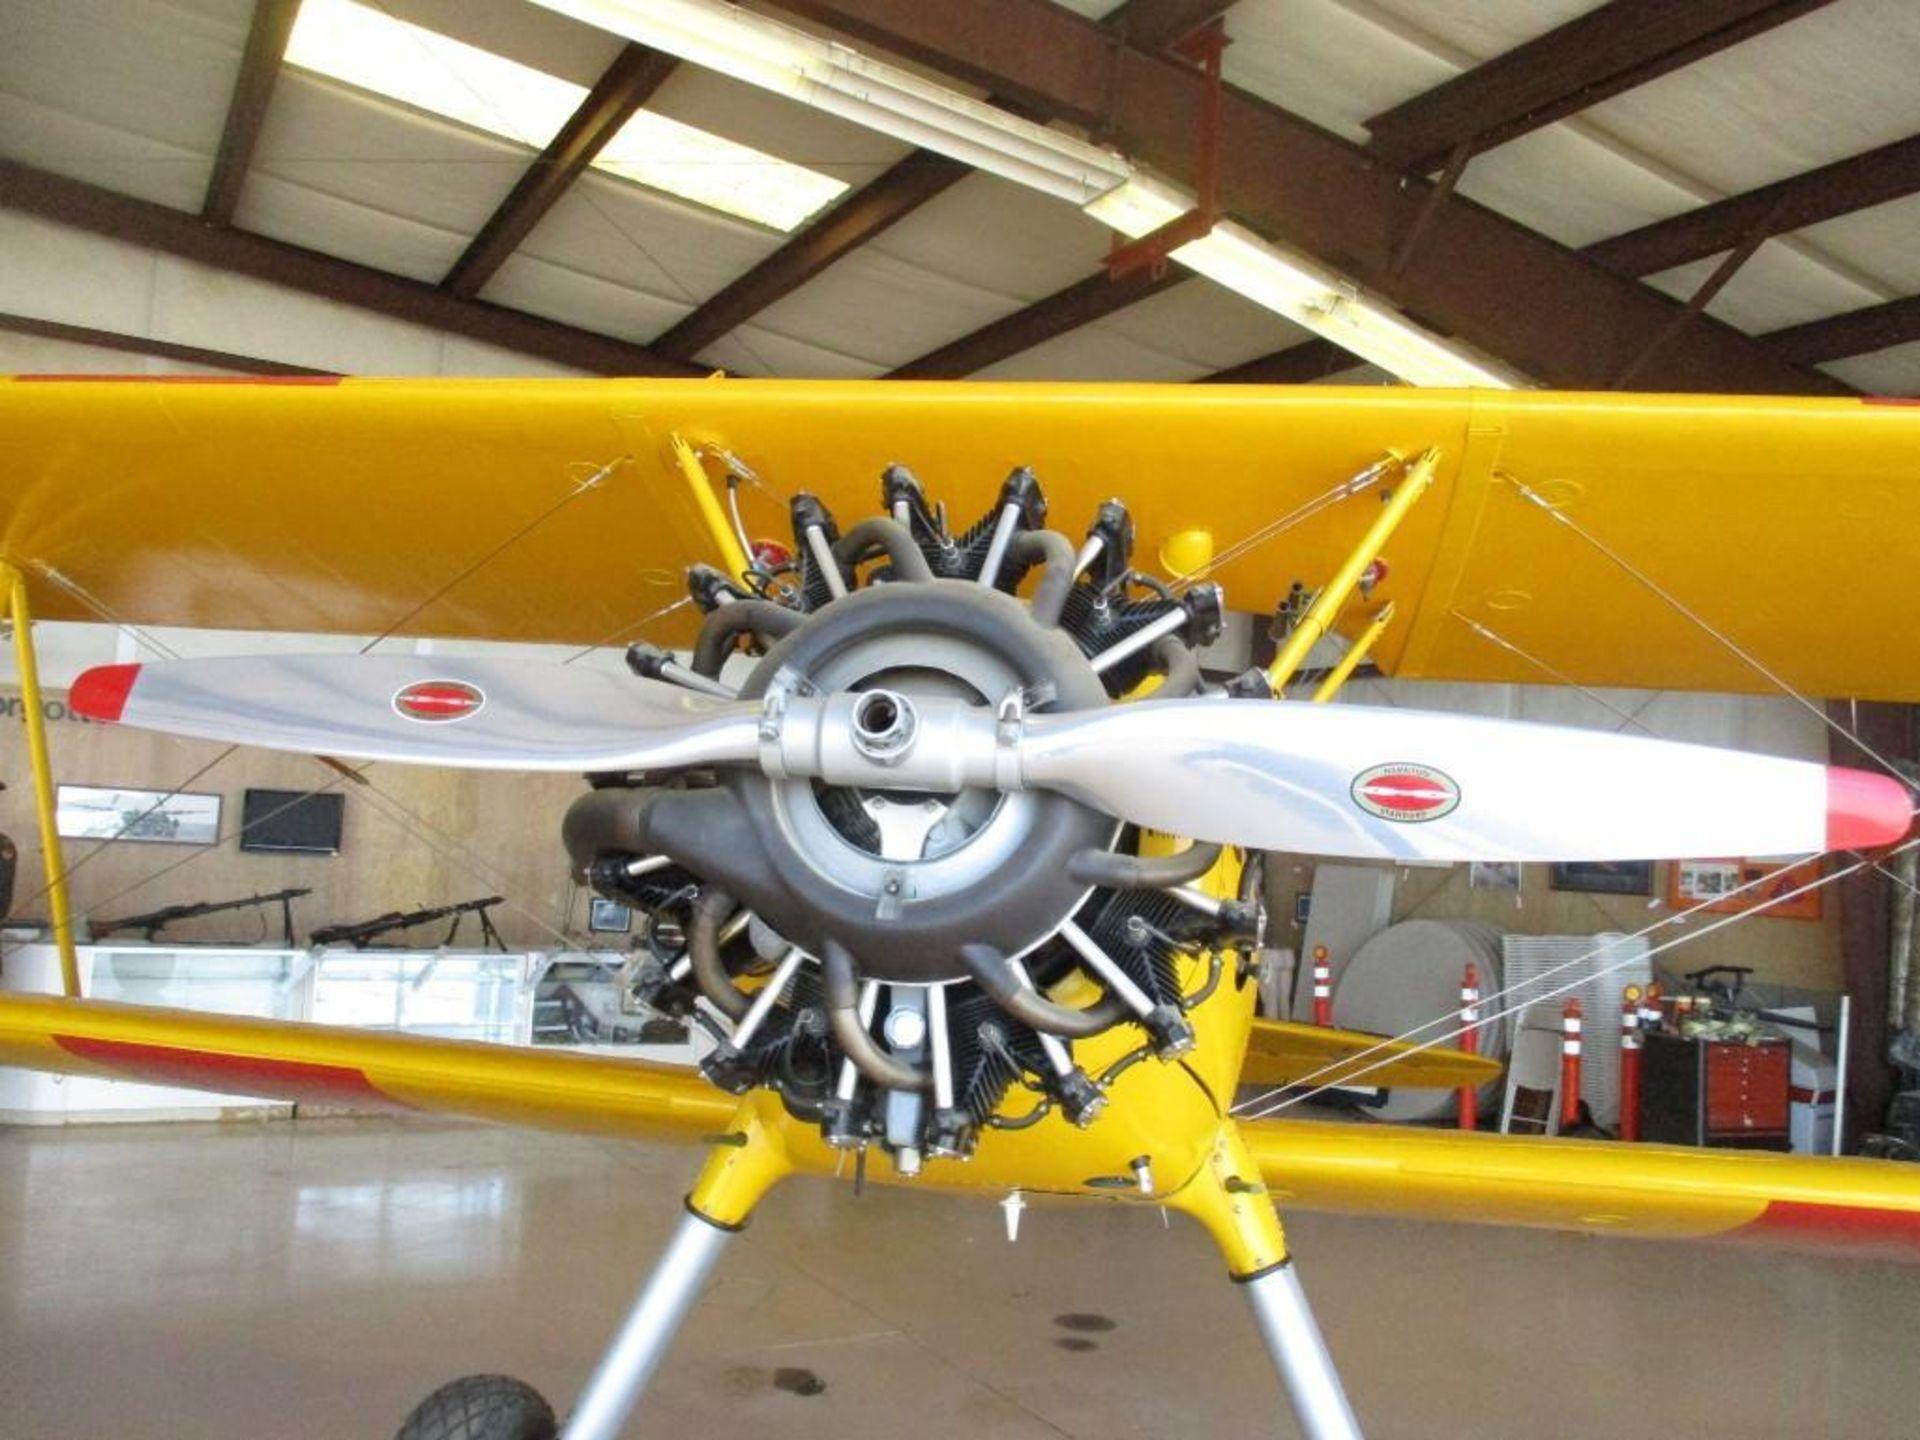 1937 BOEING A-75 STEARMAN N63378 S/N/ 75-254 - Image 5 of 7